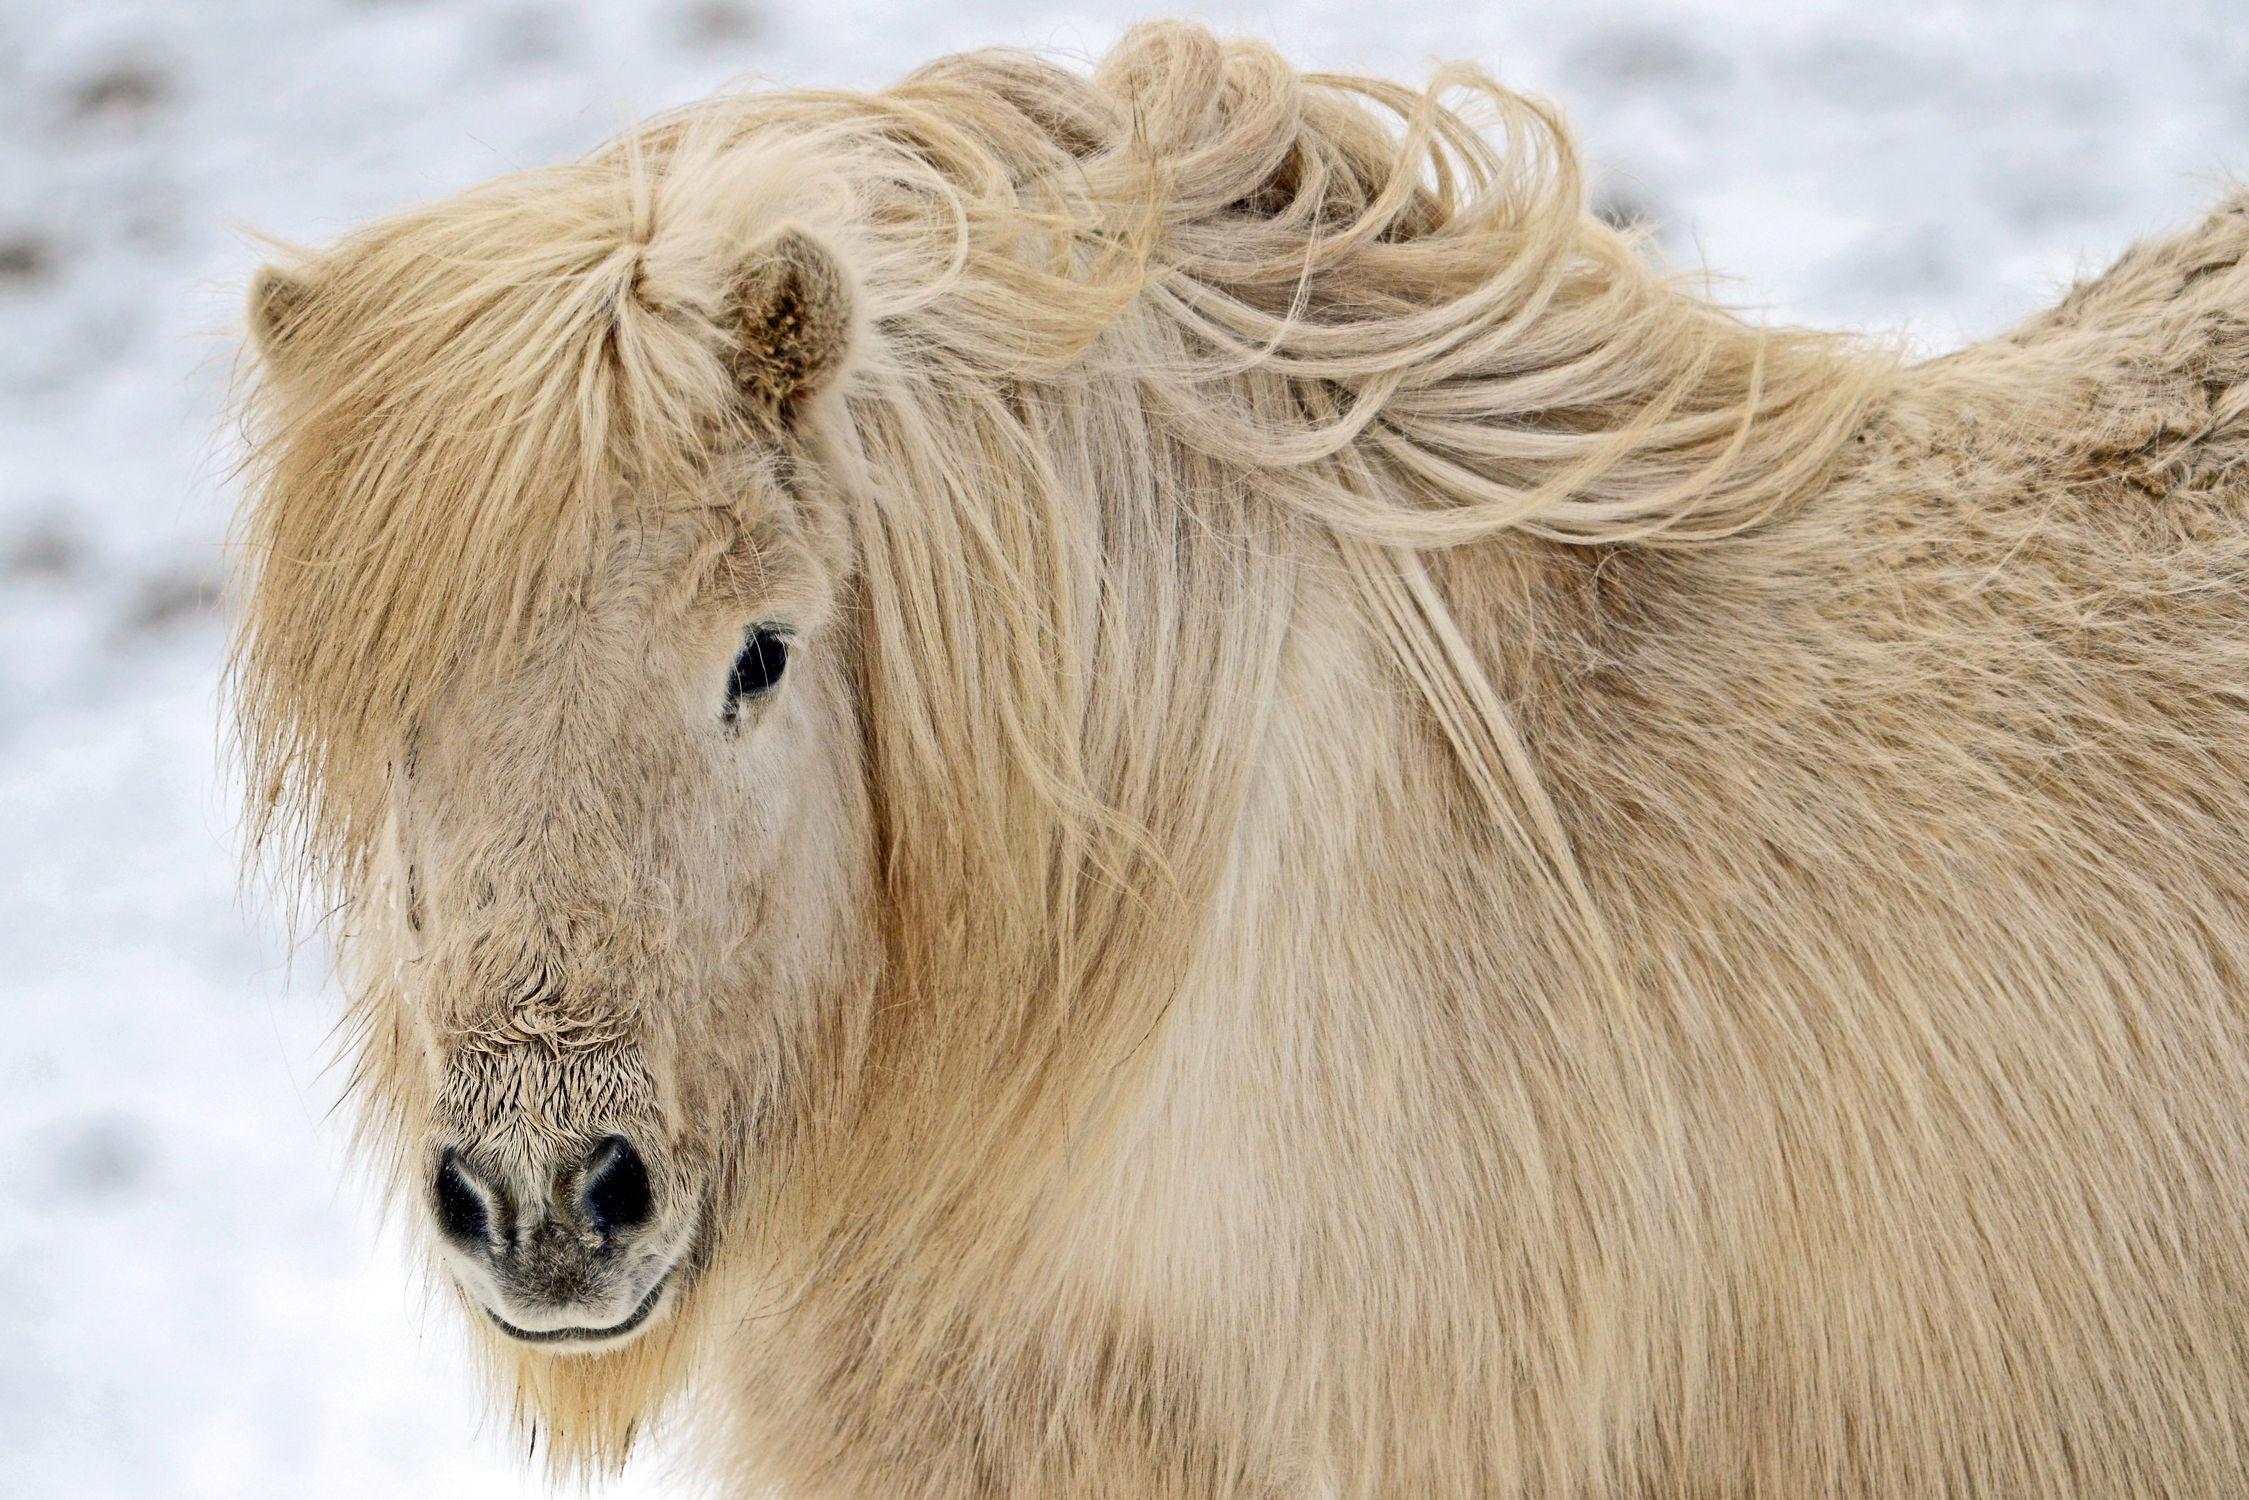 Bild mit Tiere, Tiere, Säugetiere, Natur, Schnee, Pferde, Pferde, Tier, Tier, Kinderbild, Kinderbilder, Kinderzimmer, Pferd, Pferd, Tierfotografie, Animal, Wildlife, Umwelt, reiten, Tierbild, Tierbilder, Tierfoto, Pferdeliebe, pferdebilder, pferdebild